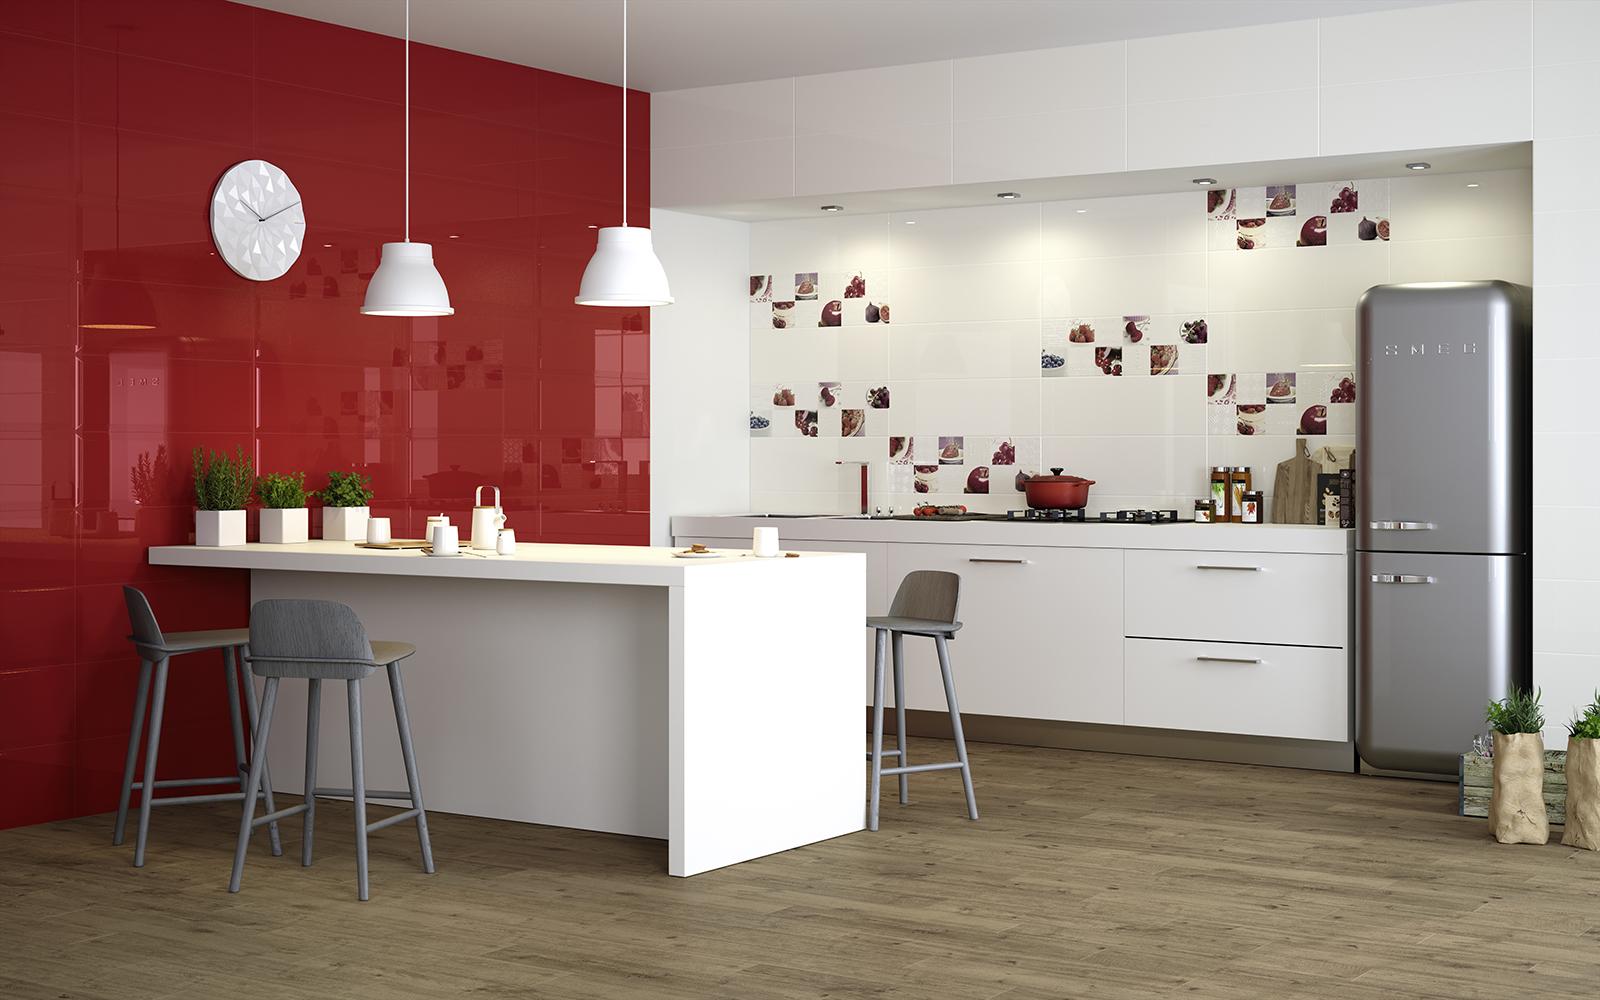 Diamond piastrelle in ceramica per cucina marazzi - Rivestimento piastrelle cucina ...